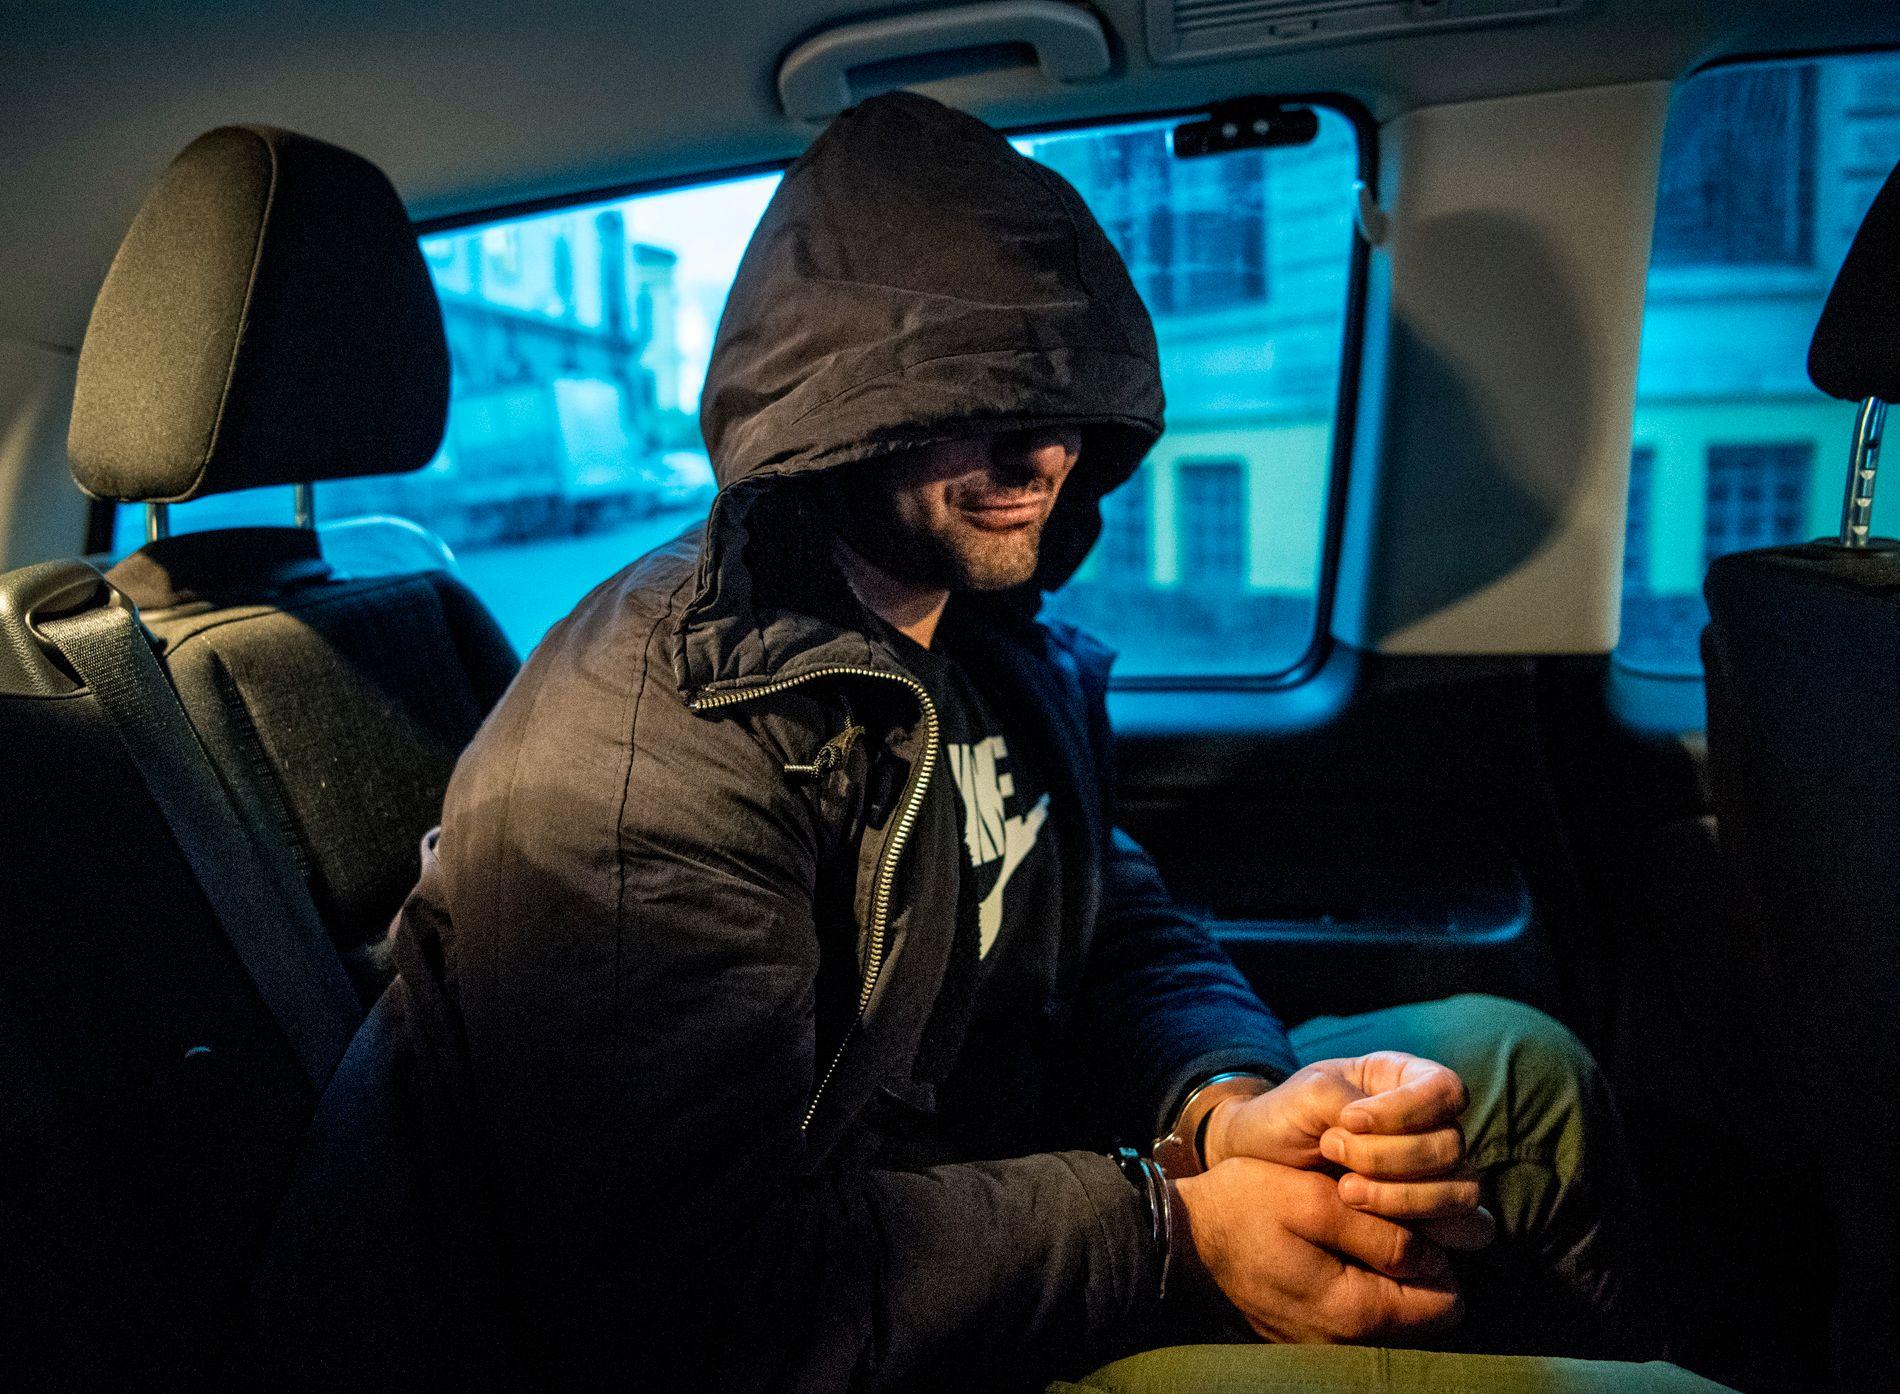 JOBBET SVART: «Jeg har vært i Italia to ganger, men de sendte meg bare tilbake til Norge. I ni år har jeg jobbet svart. Ikke hver dag, og de betaler meg veldig lite, selvfølgelig», sier denne 31 år gamle irakeren til VG.